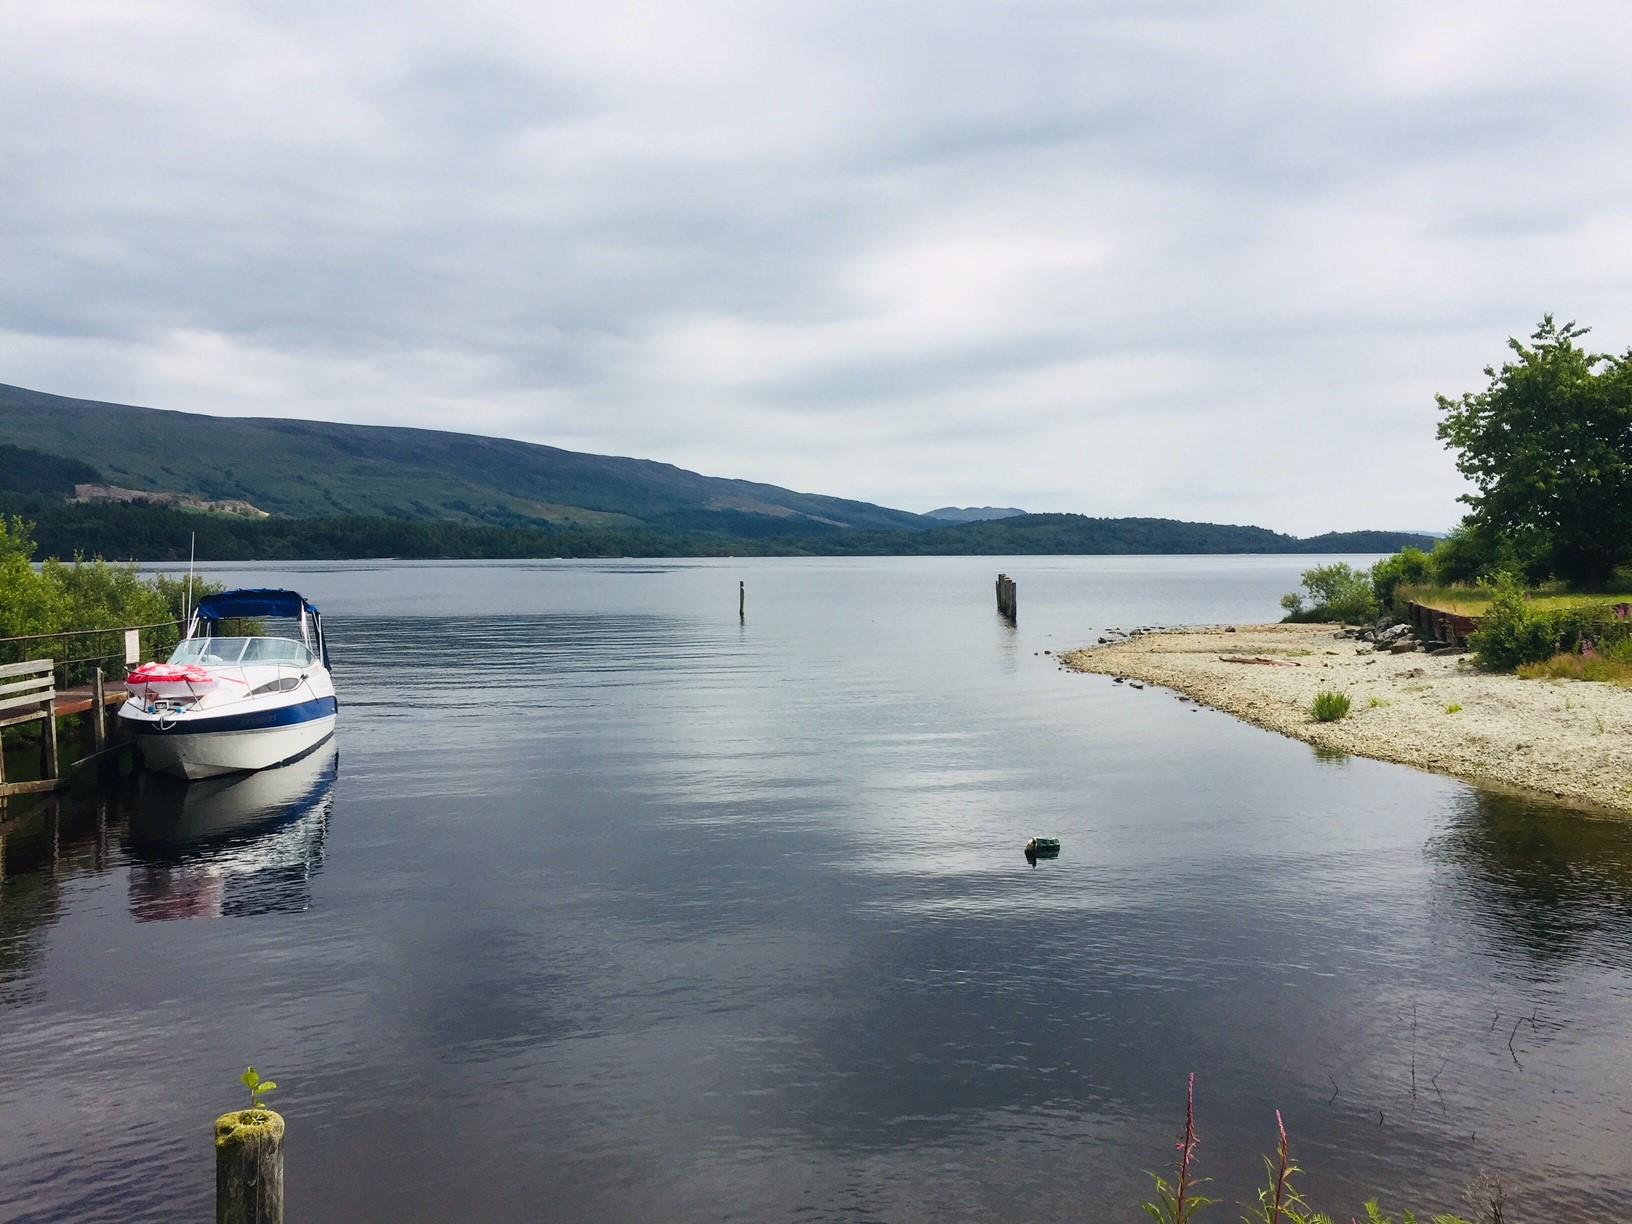 HeraldScotland: In Inn on Loch Lomond  Review: The Inn on Loch Lomond 8043657